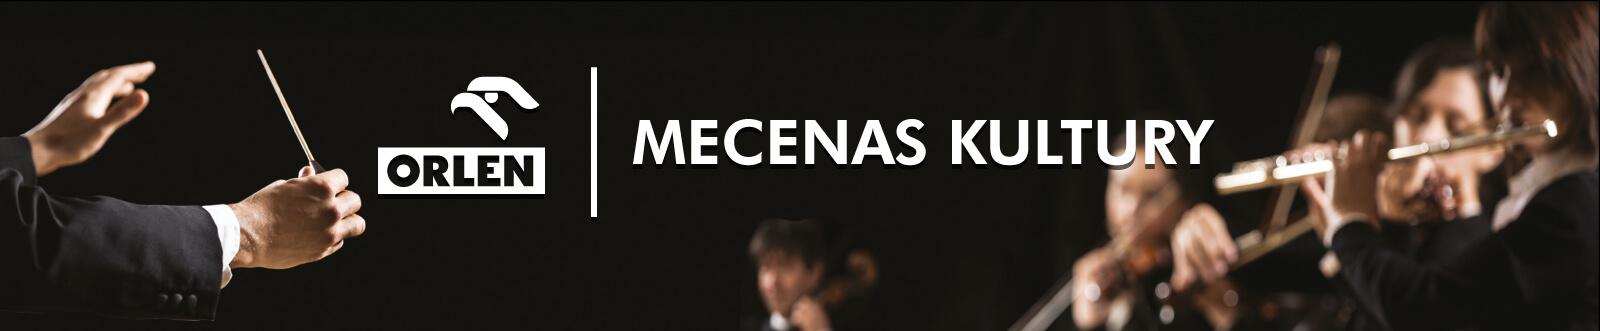 Orlen | Mecenas Kultury